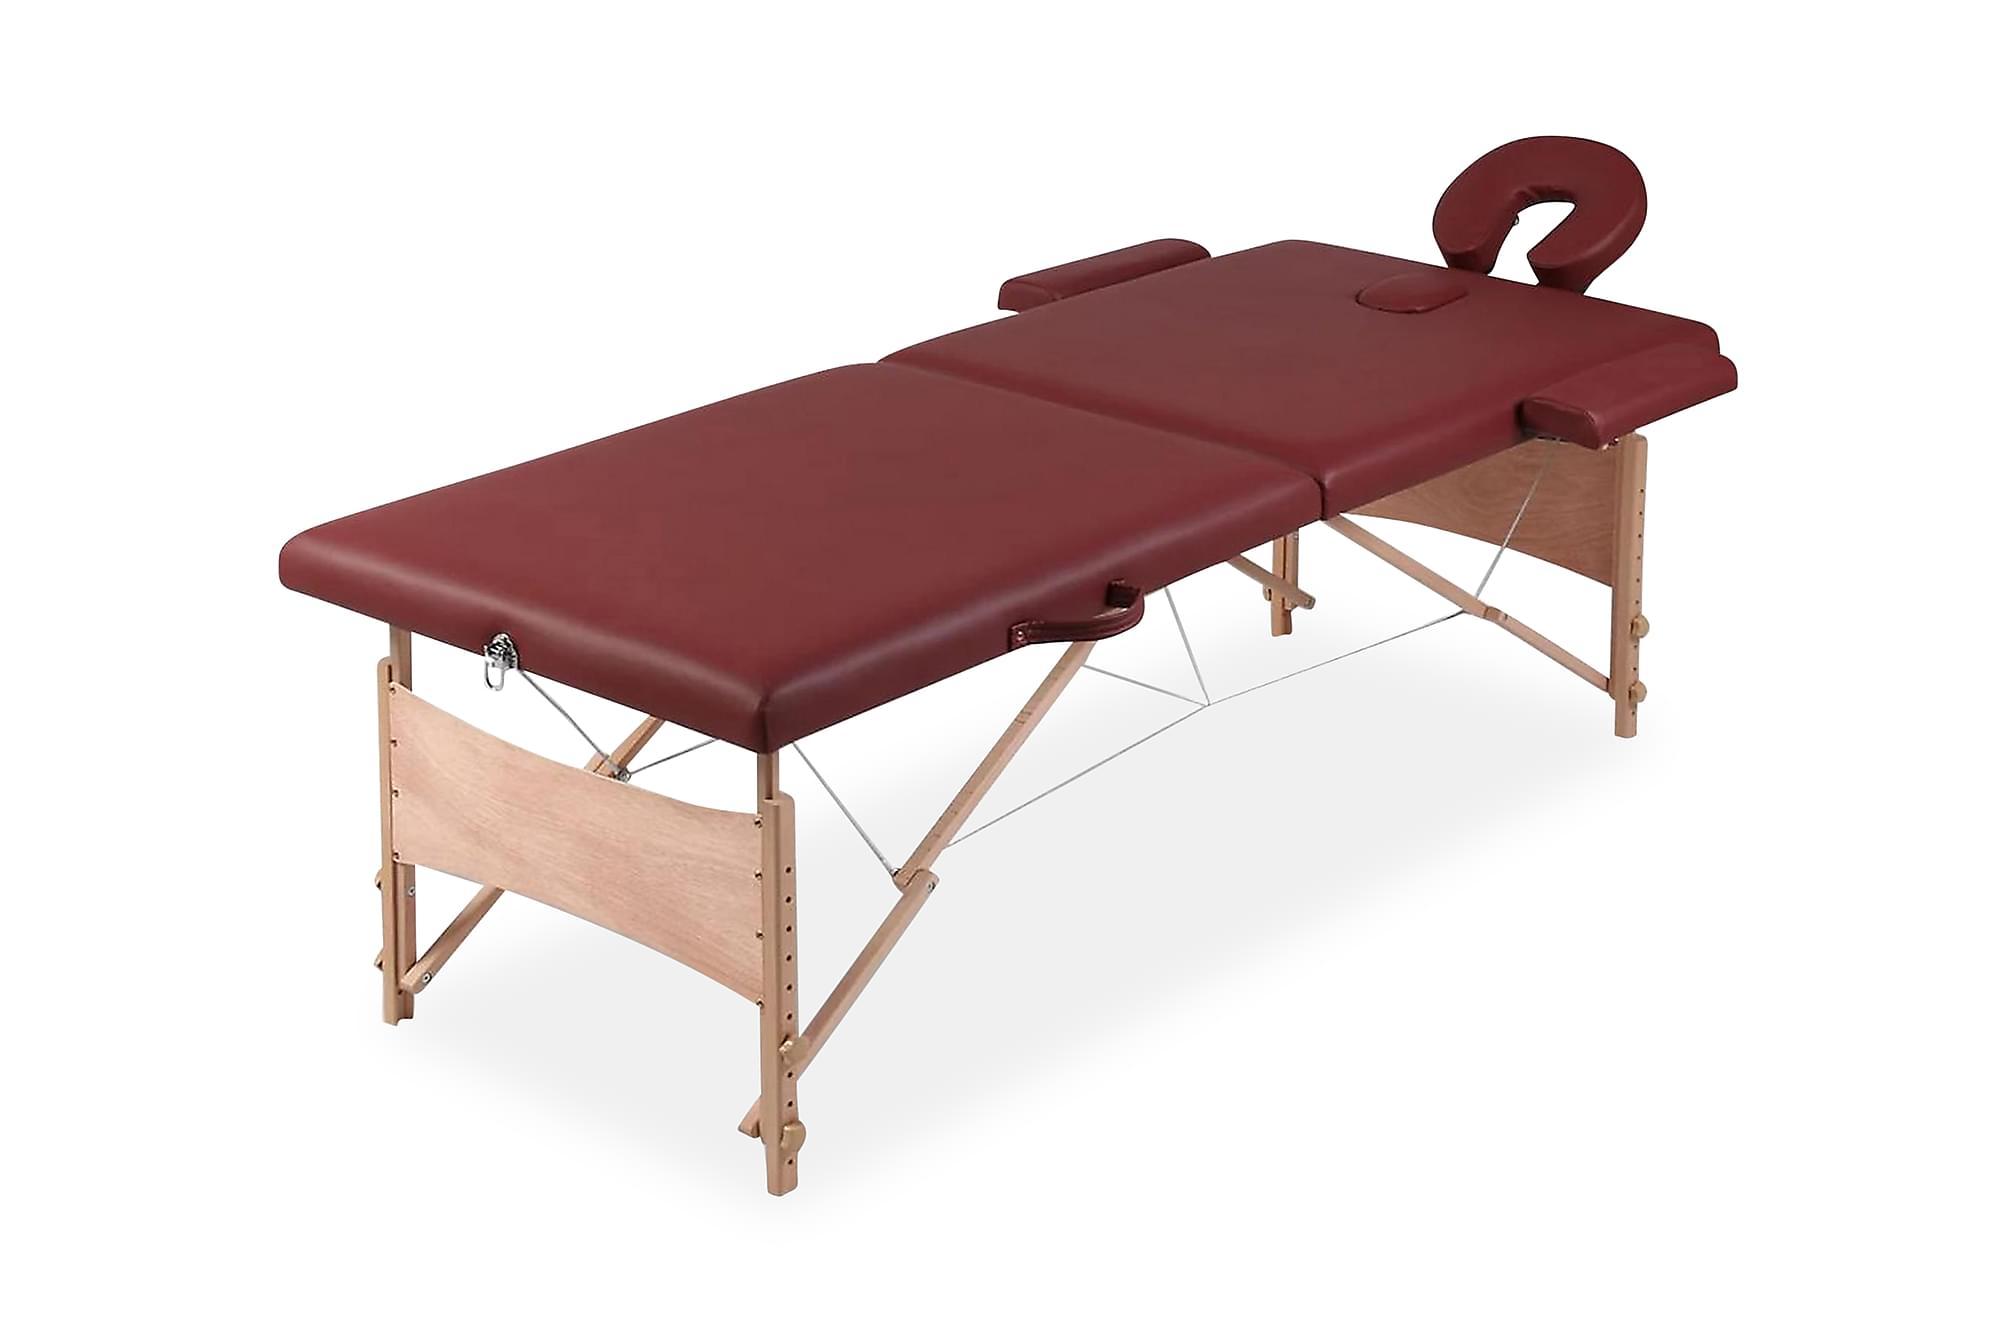 Rött vikbart massagebord med 2 zoner och träram